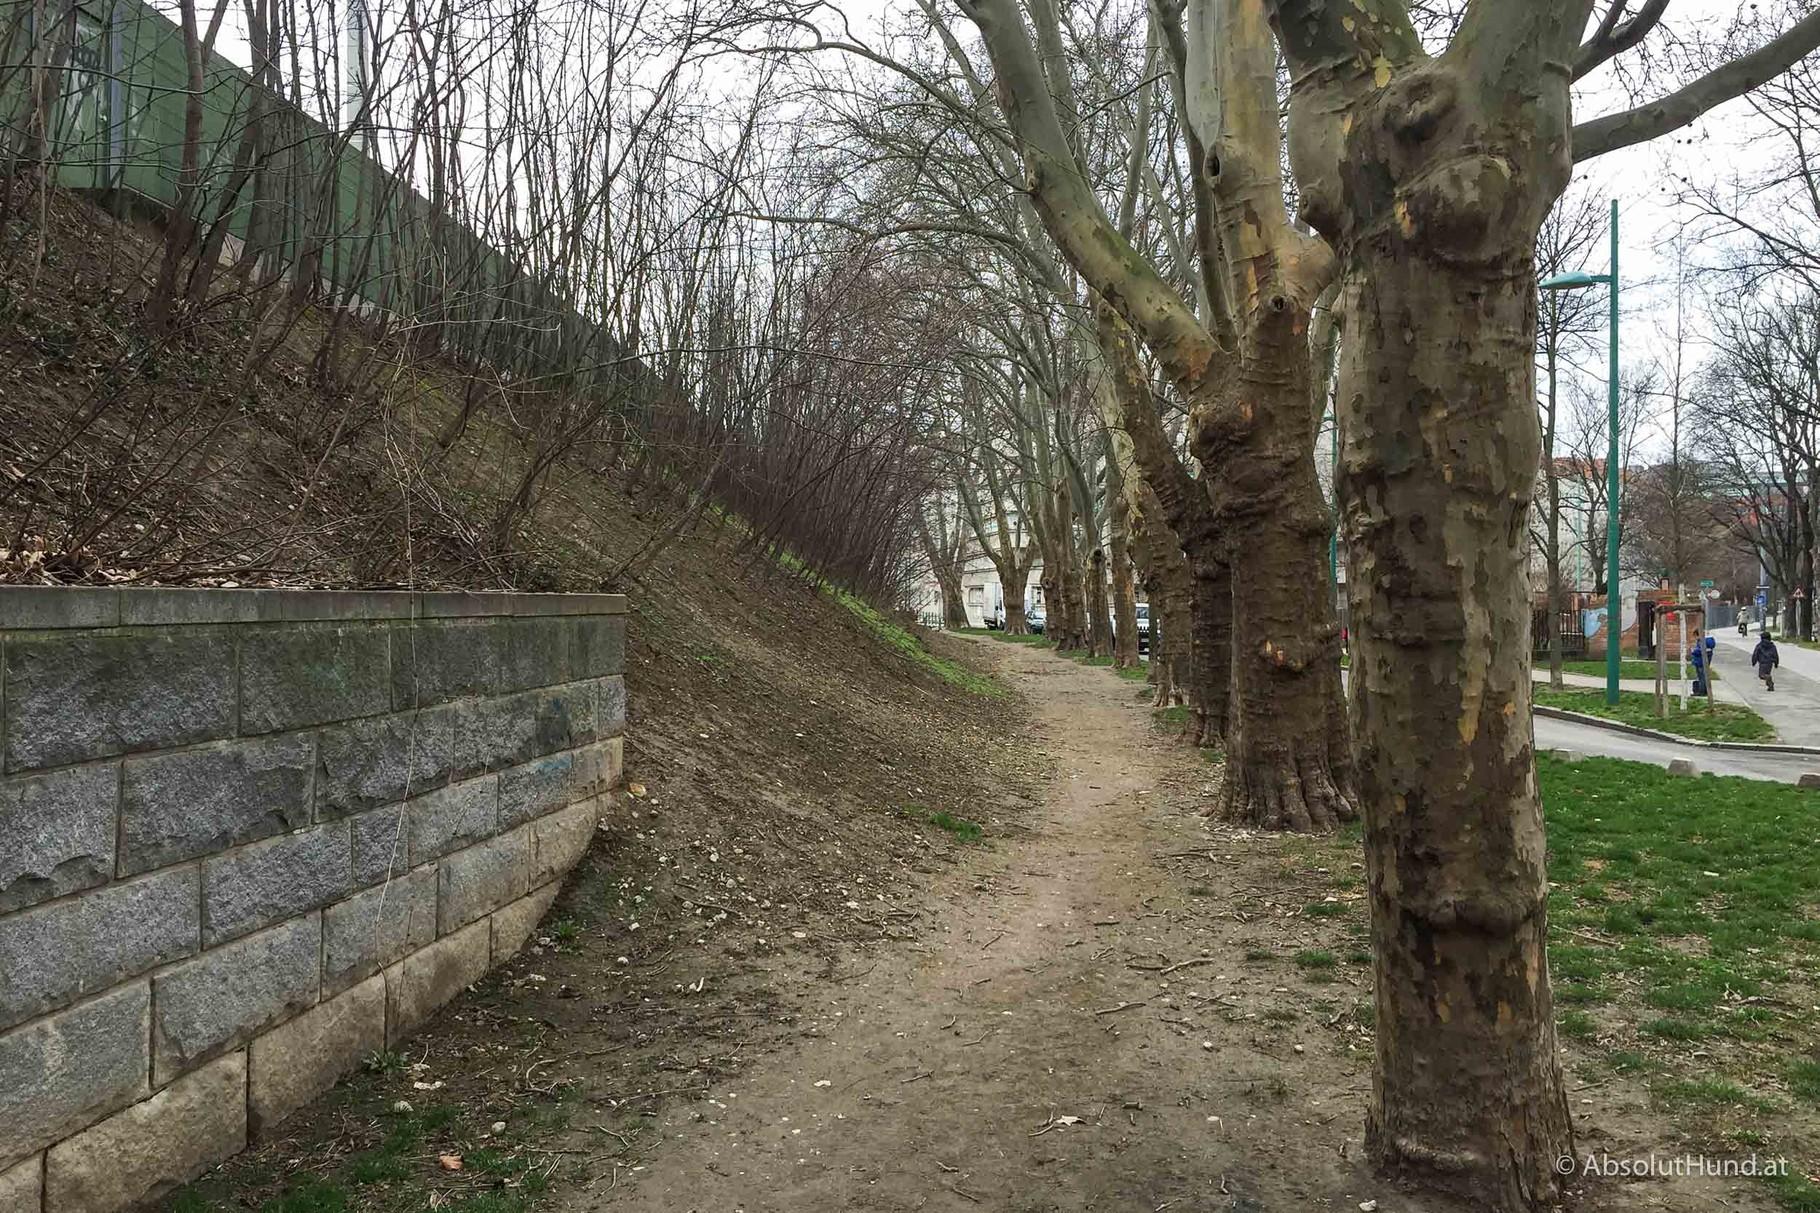 Hundeauslaufplatz Durchlaufstraße